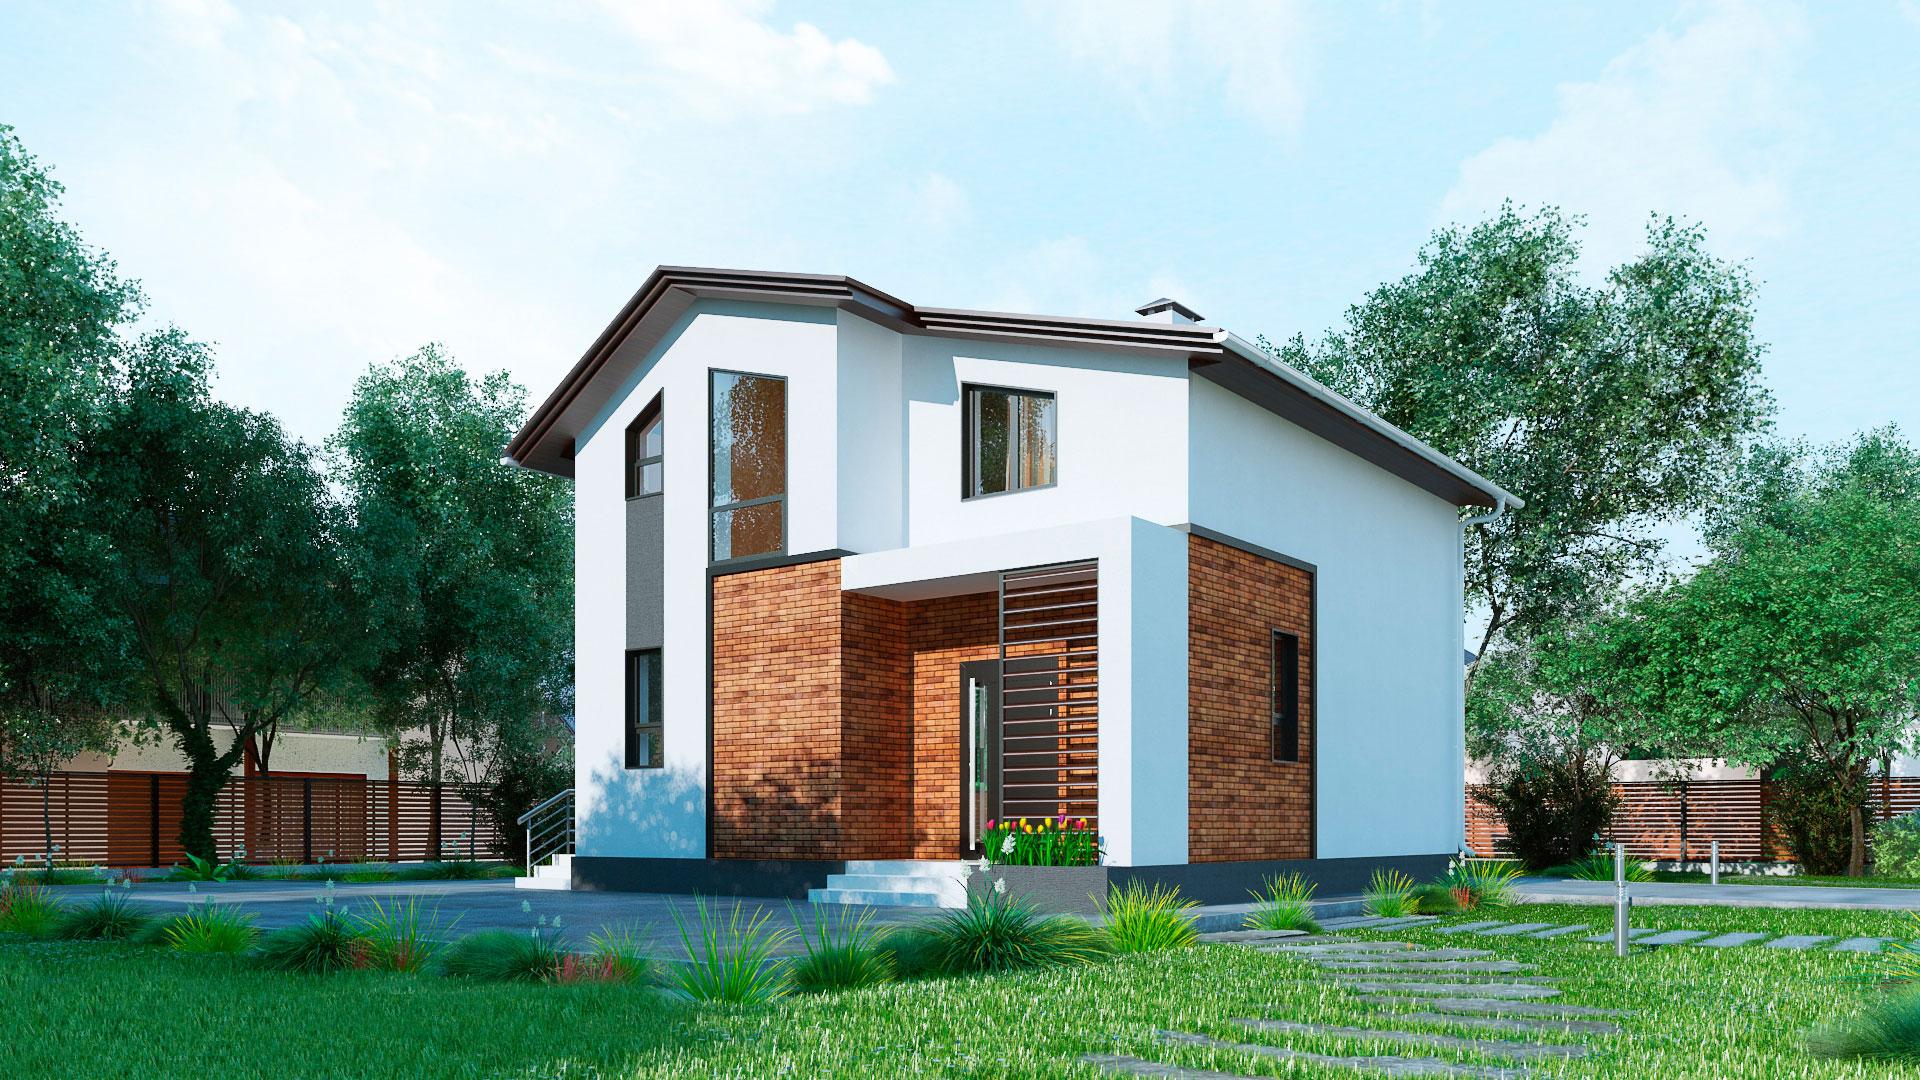 Передний фасад загородного дома 9 на 9 двухэтажного, проект БЭНПАН МС-146 В.